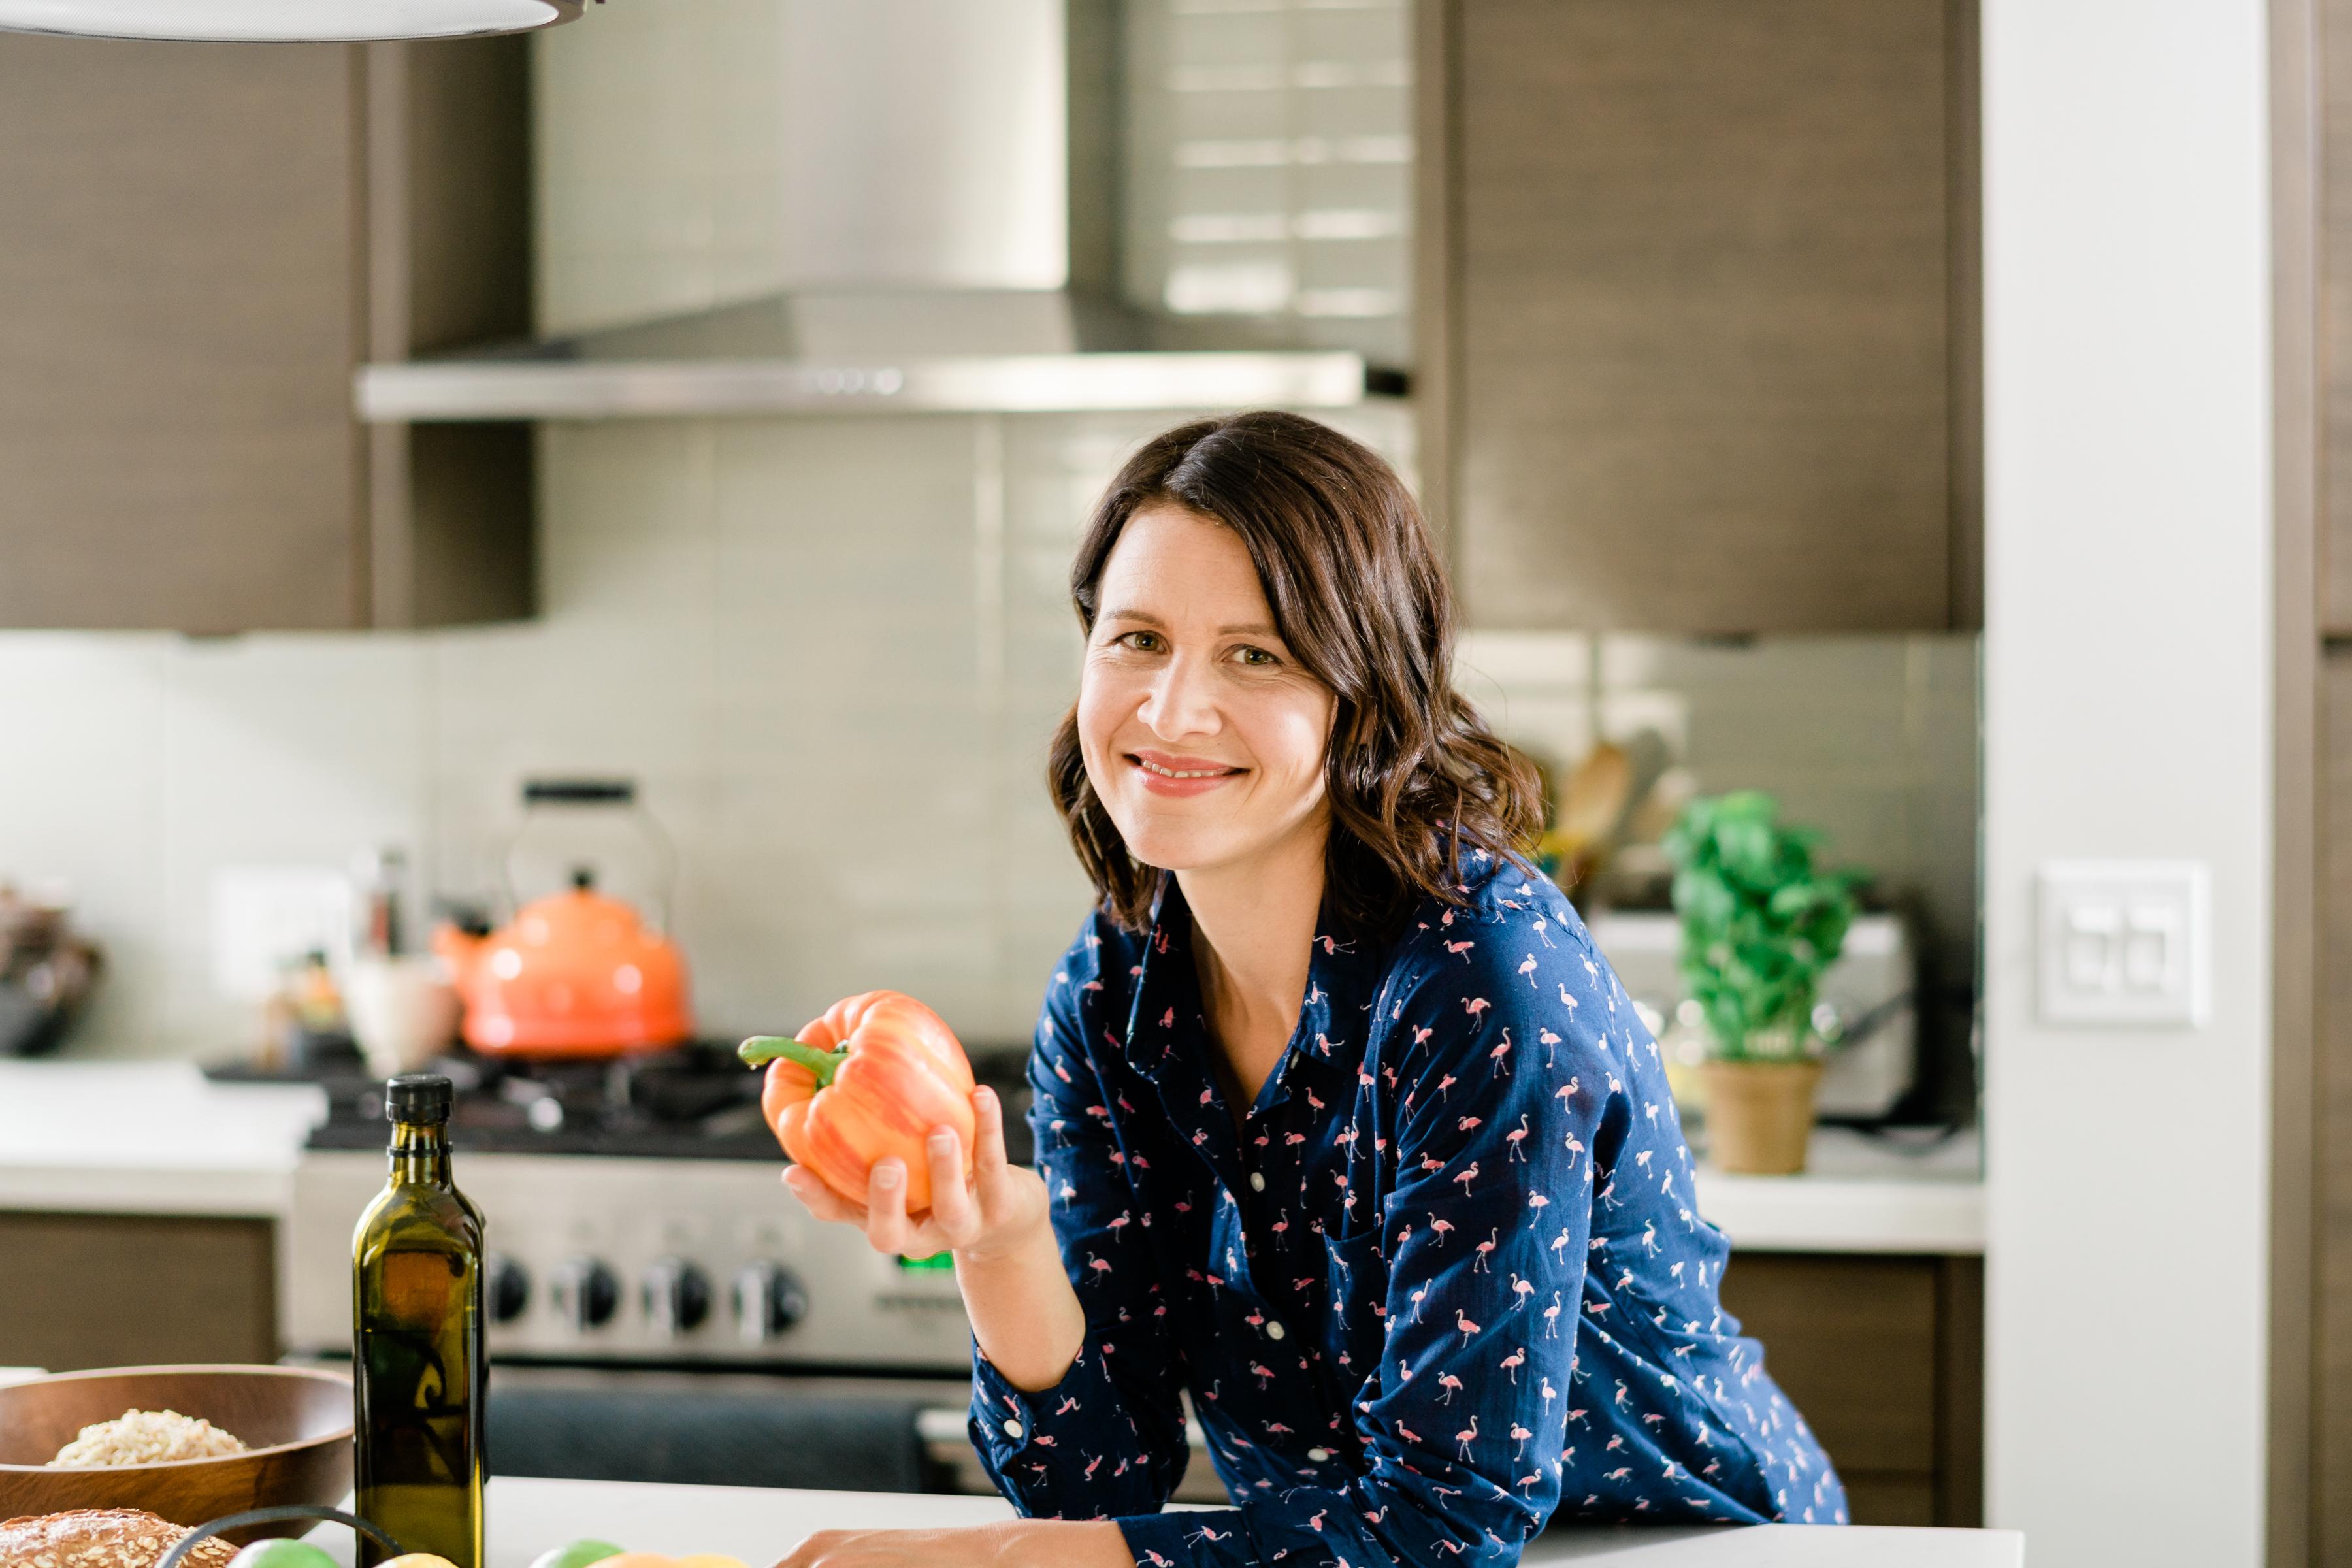 Kate holding pepper